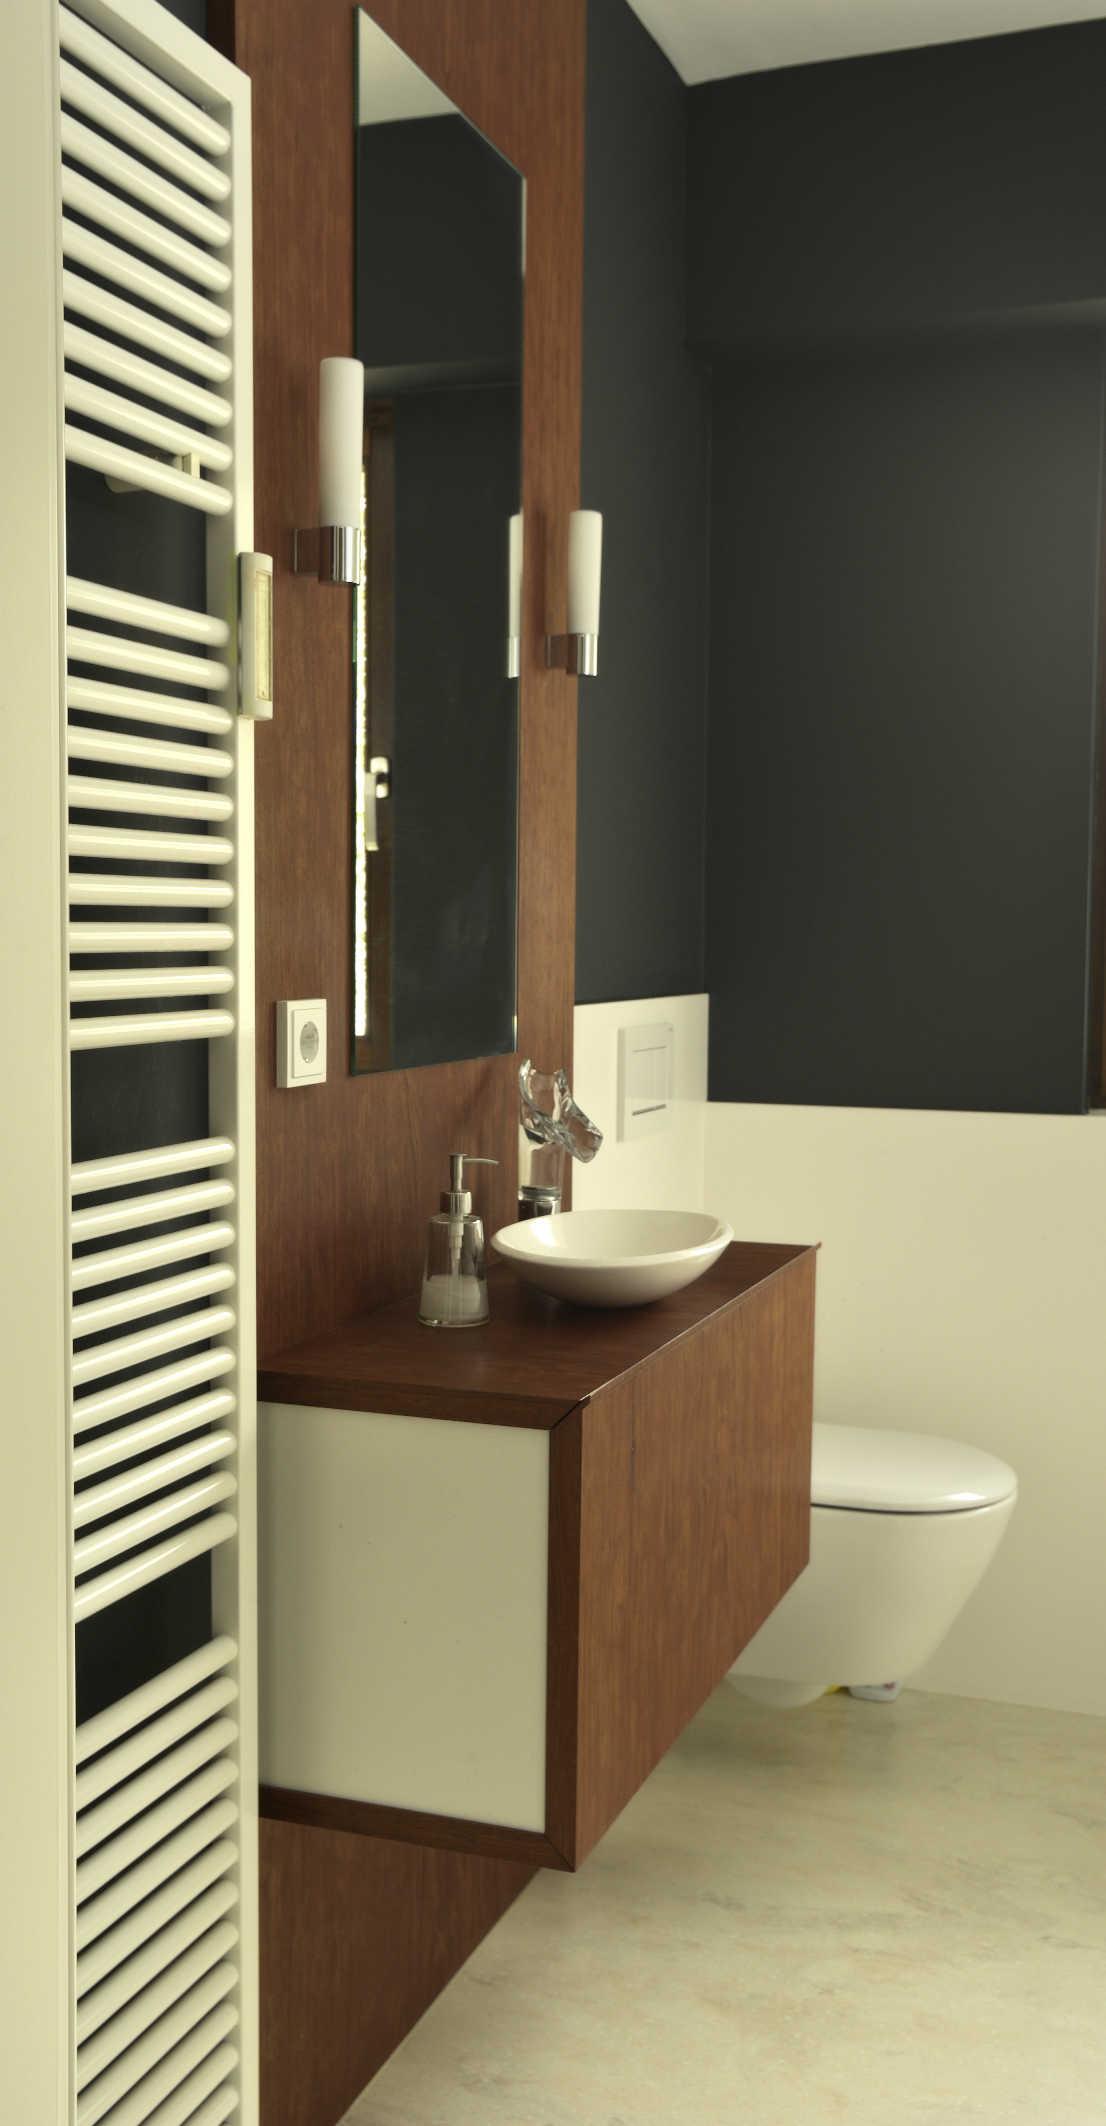 Einbauschrank im Bad aus Bubinga mit integriertem Spiegel und Waschbecken